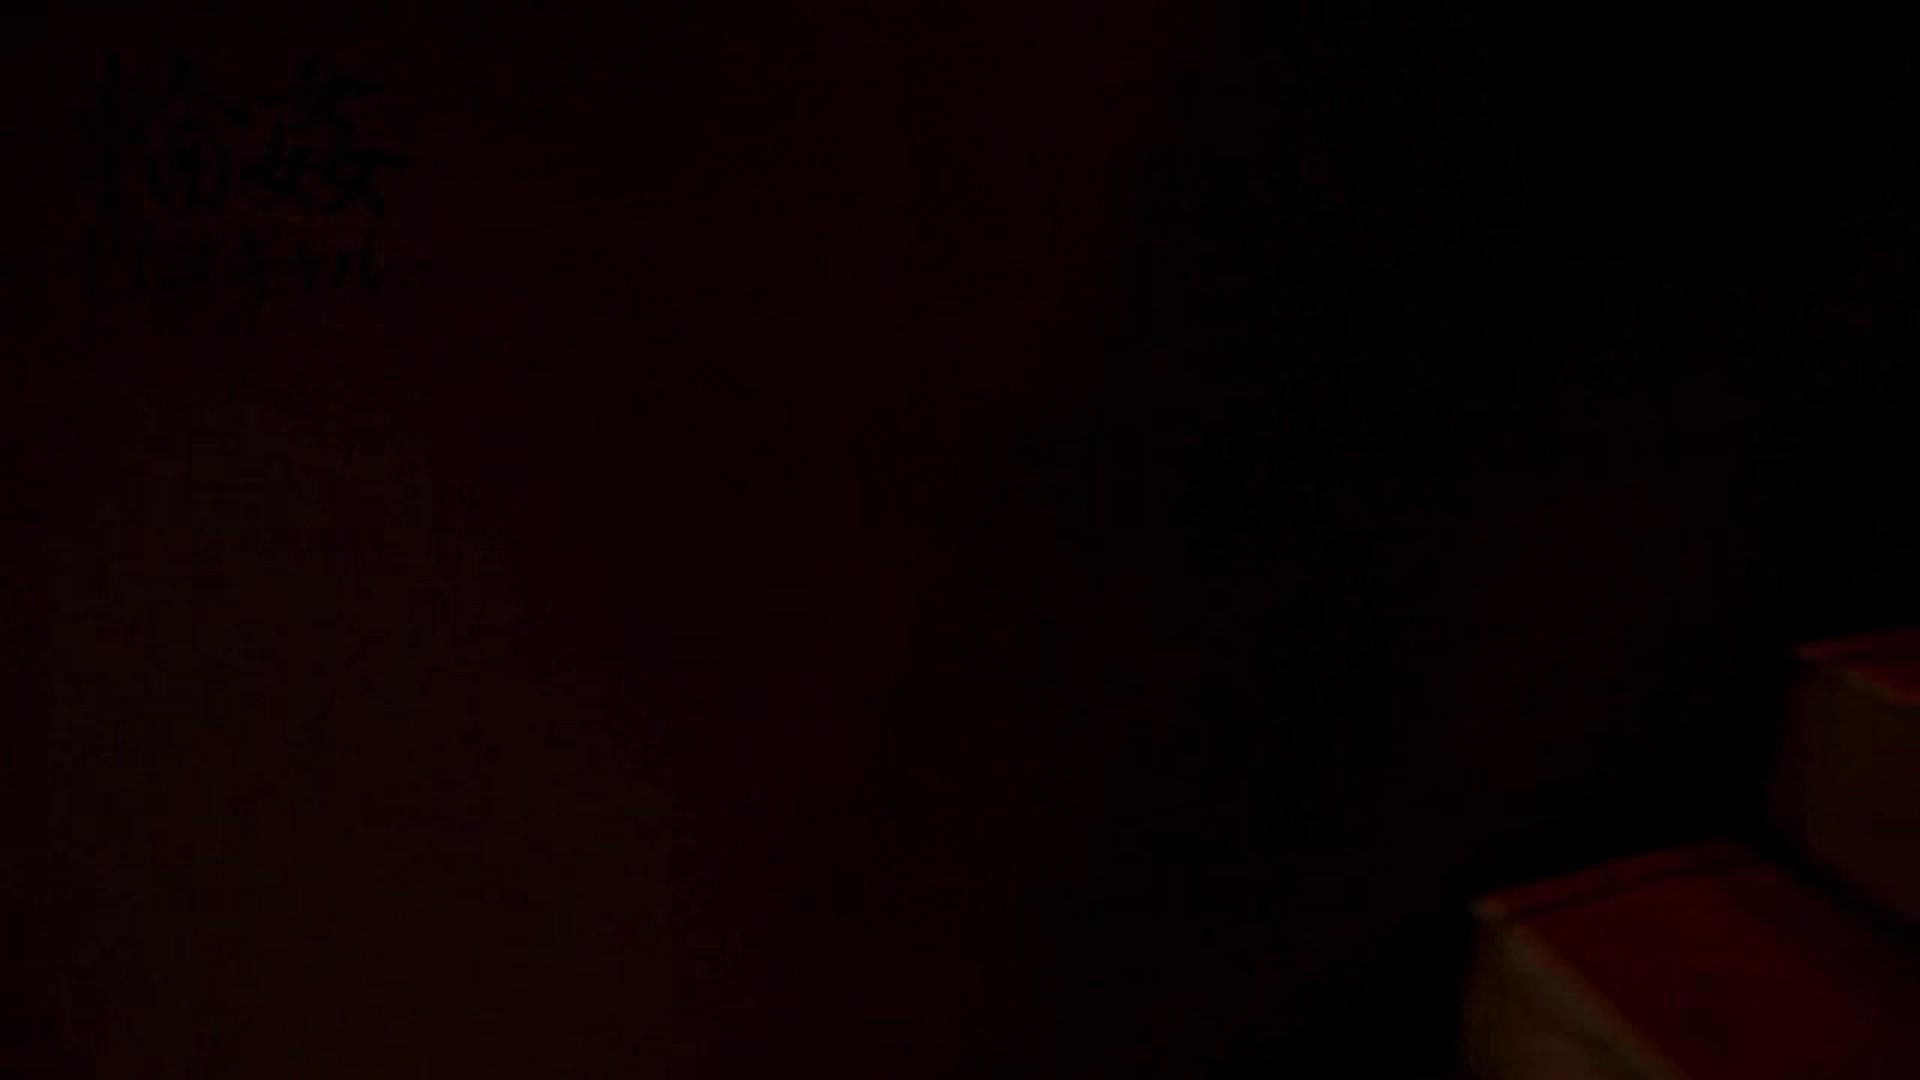 輪●掲示板にお小遣い稼ぎに来た 激カワ19歳ギャル 一般投稿 | ギャル  86画像 3